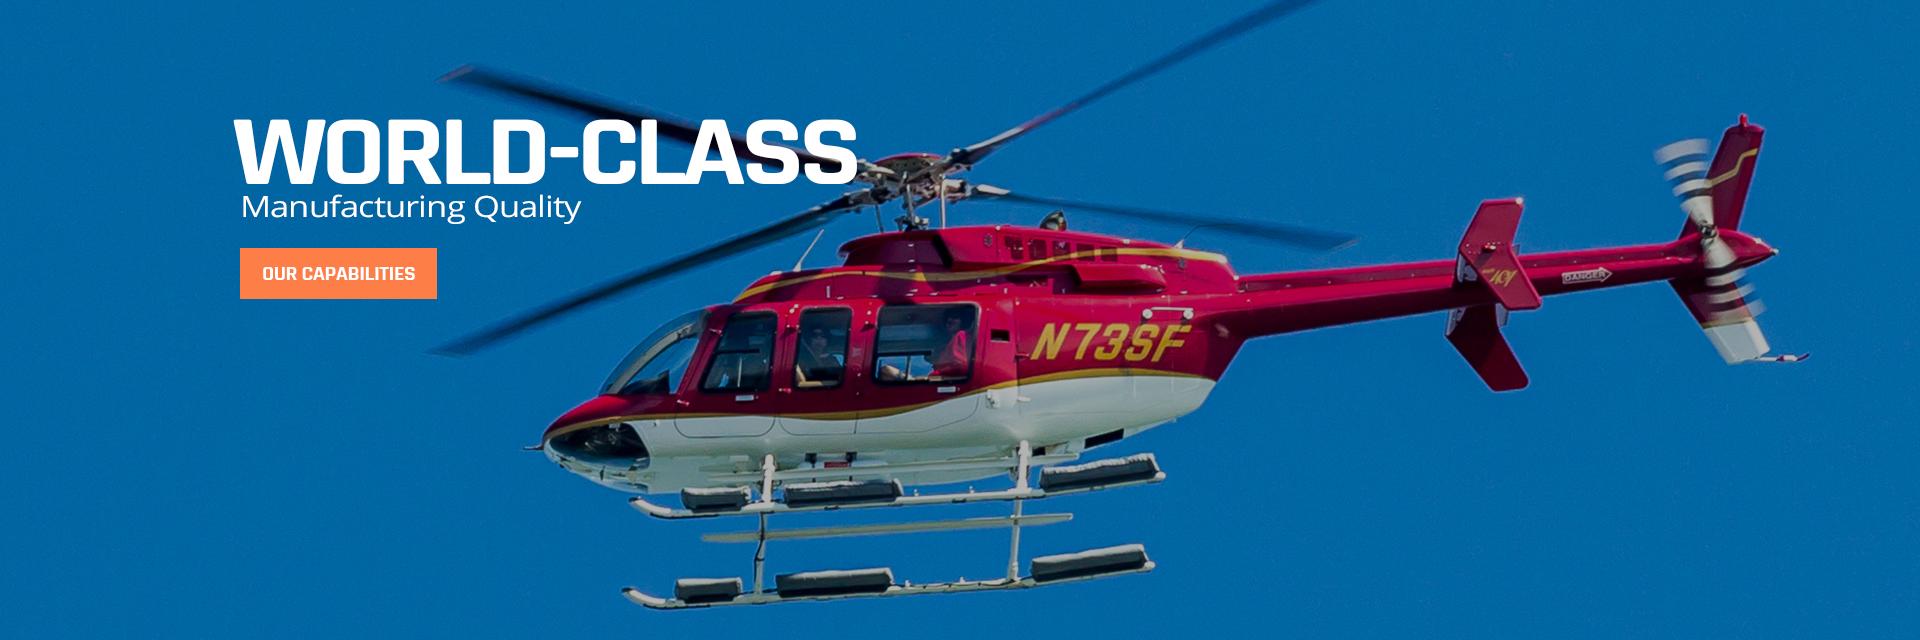 5 Bell 407 world class